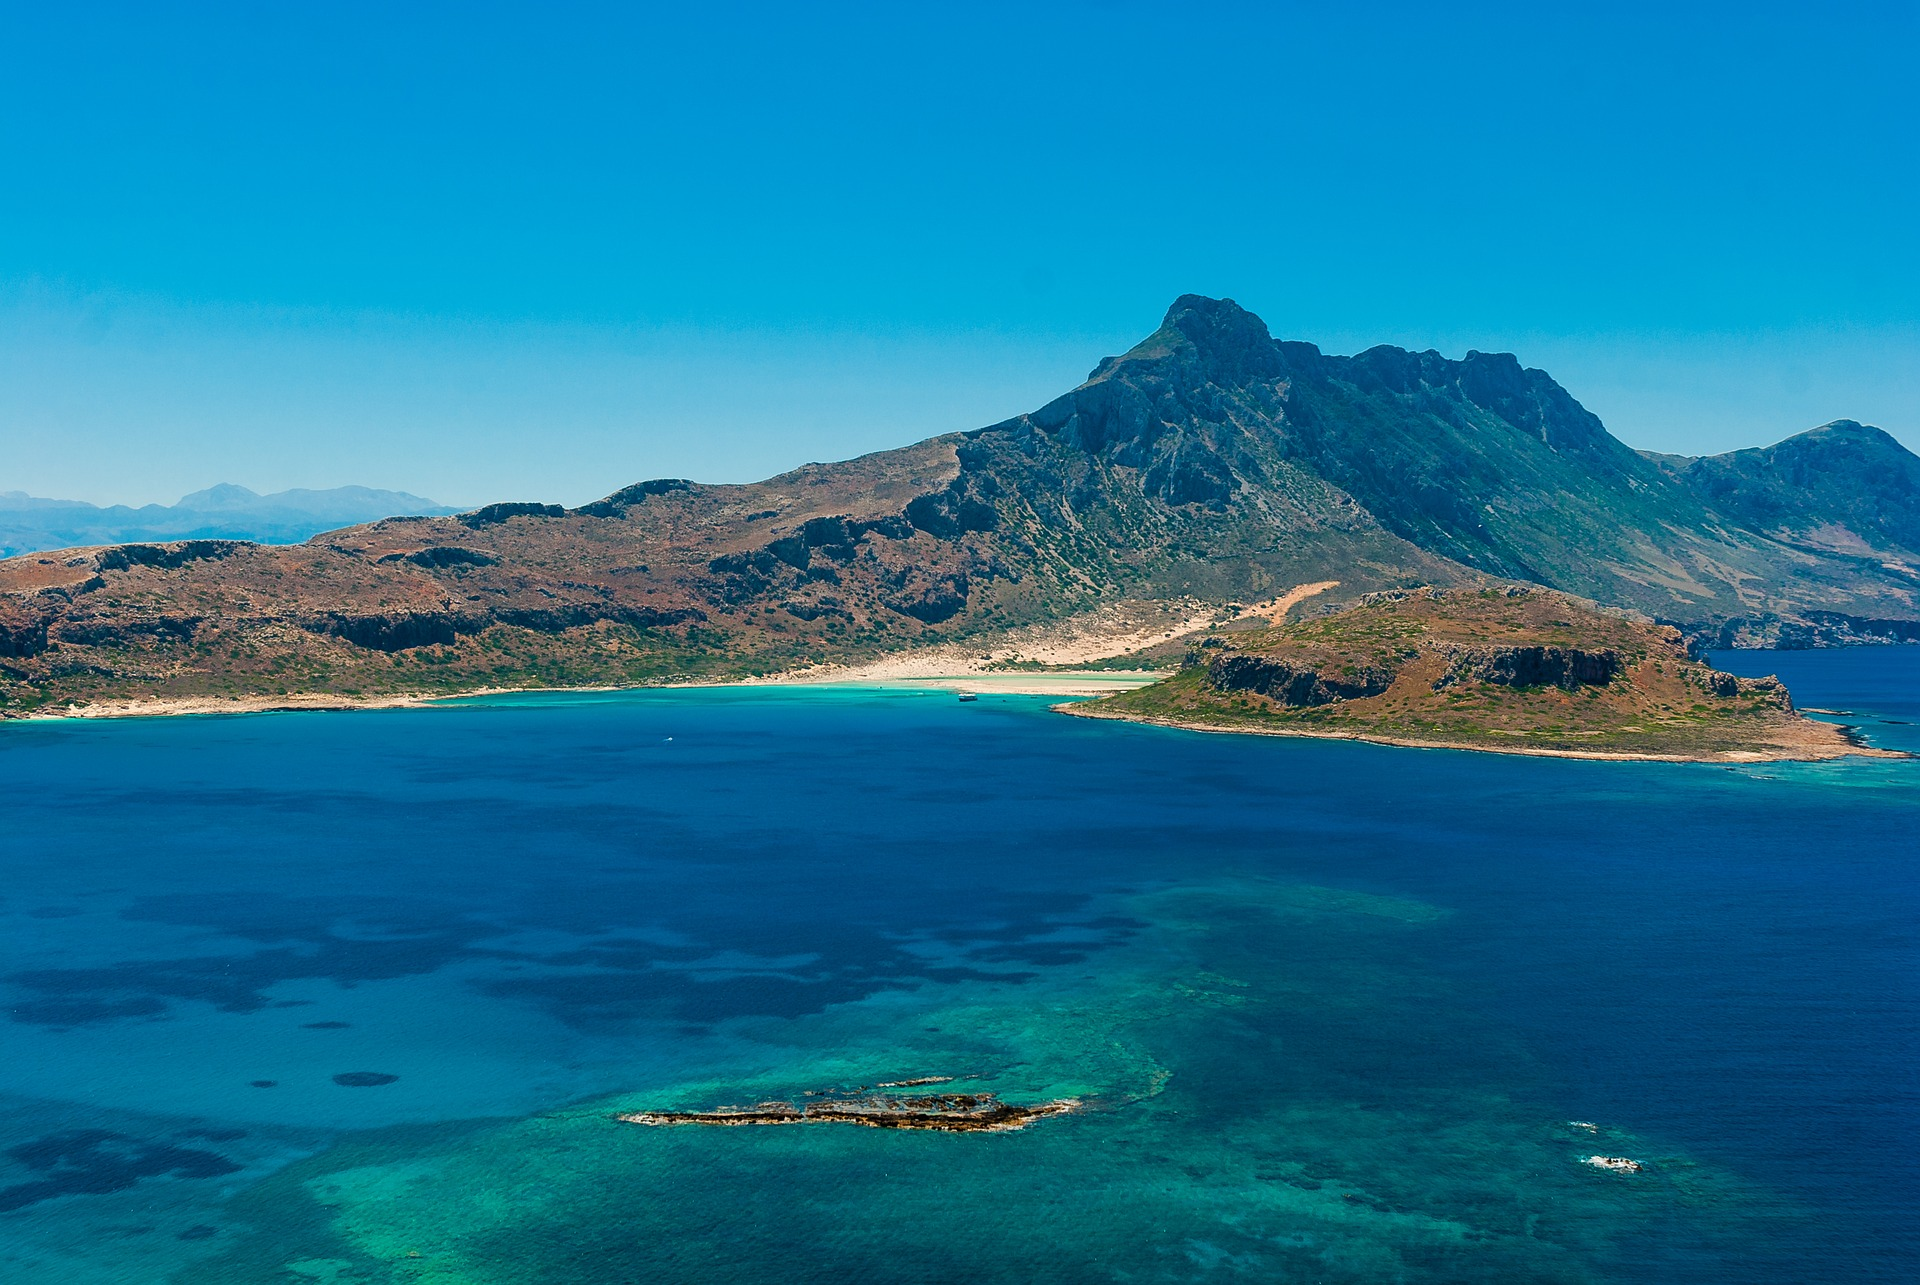 krit, grcka, ostrvo, kupanje, more, letovanje, odmor